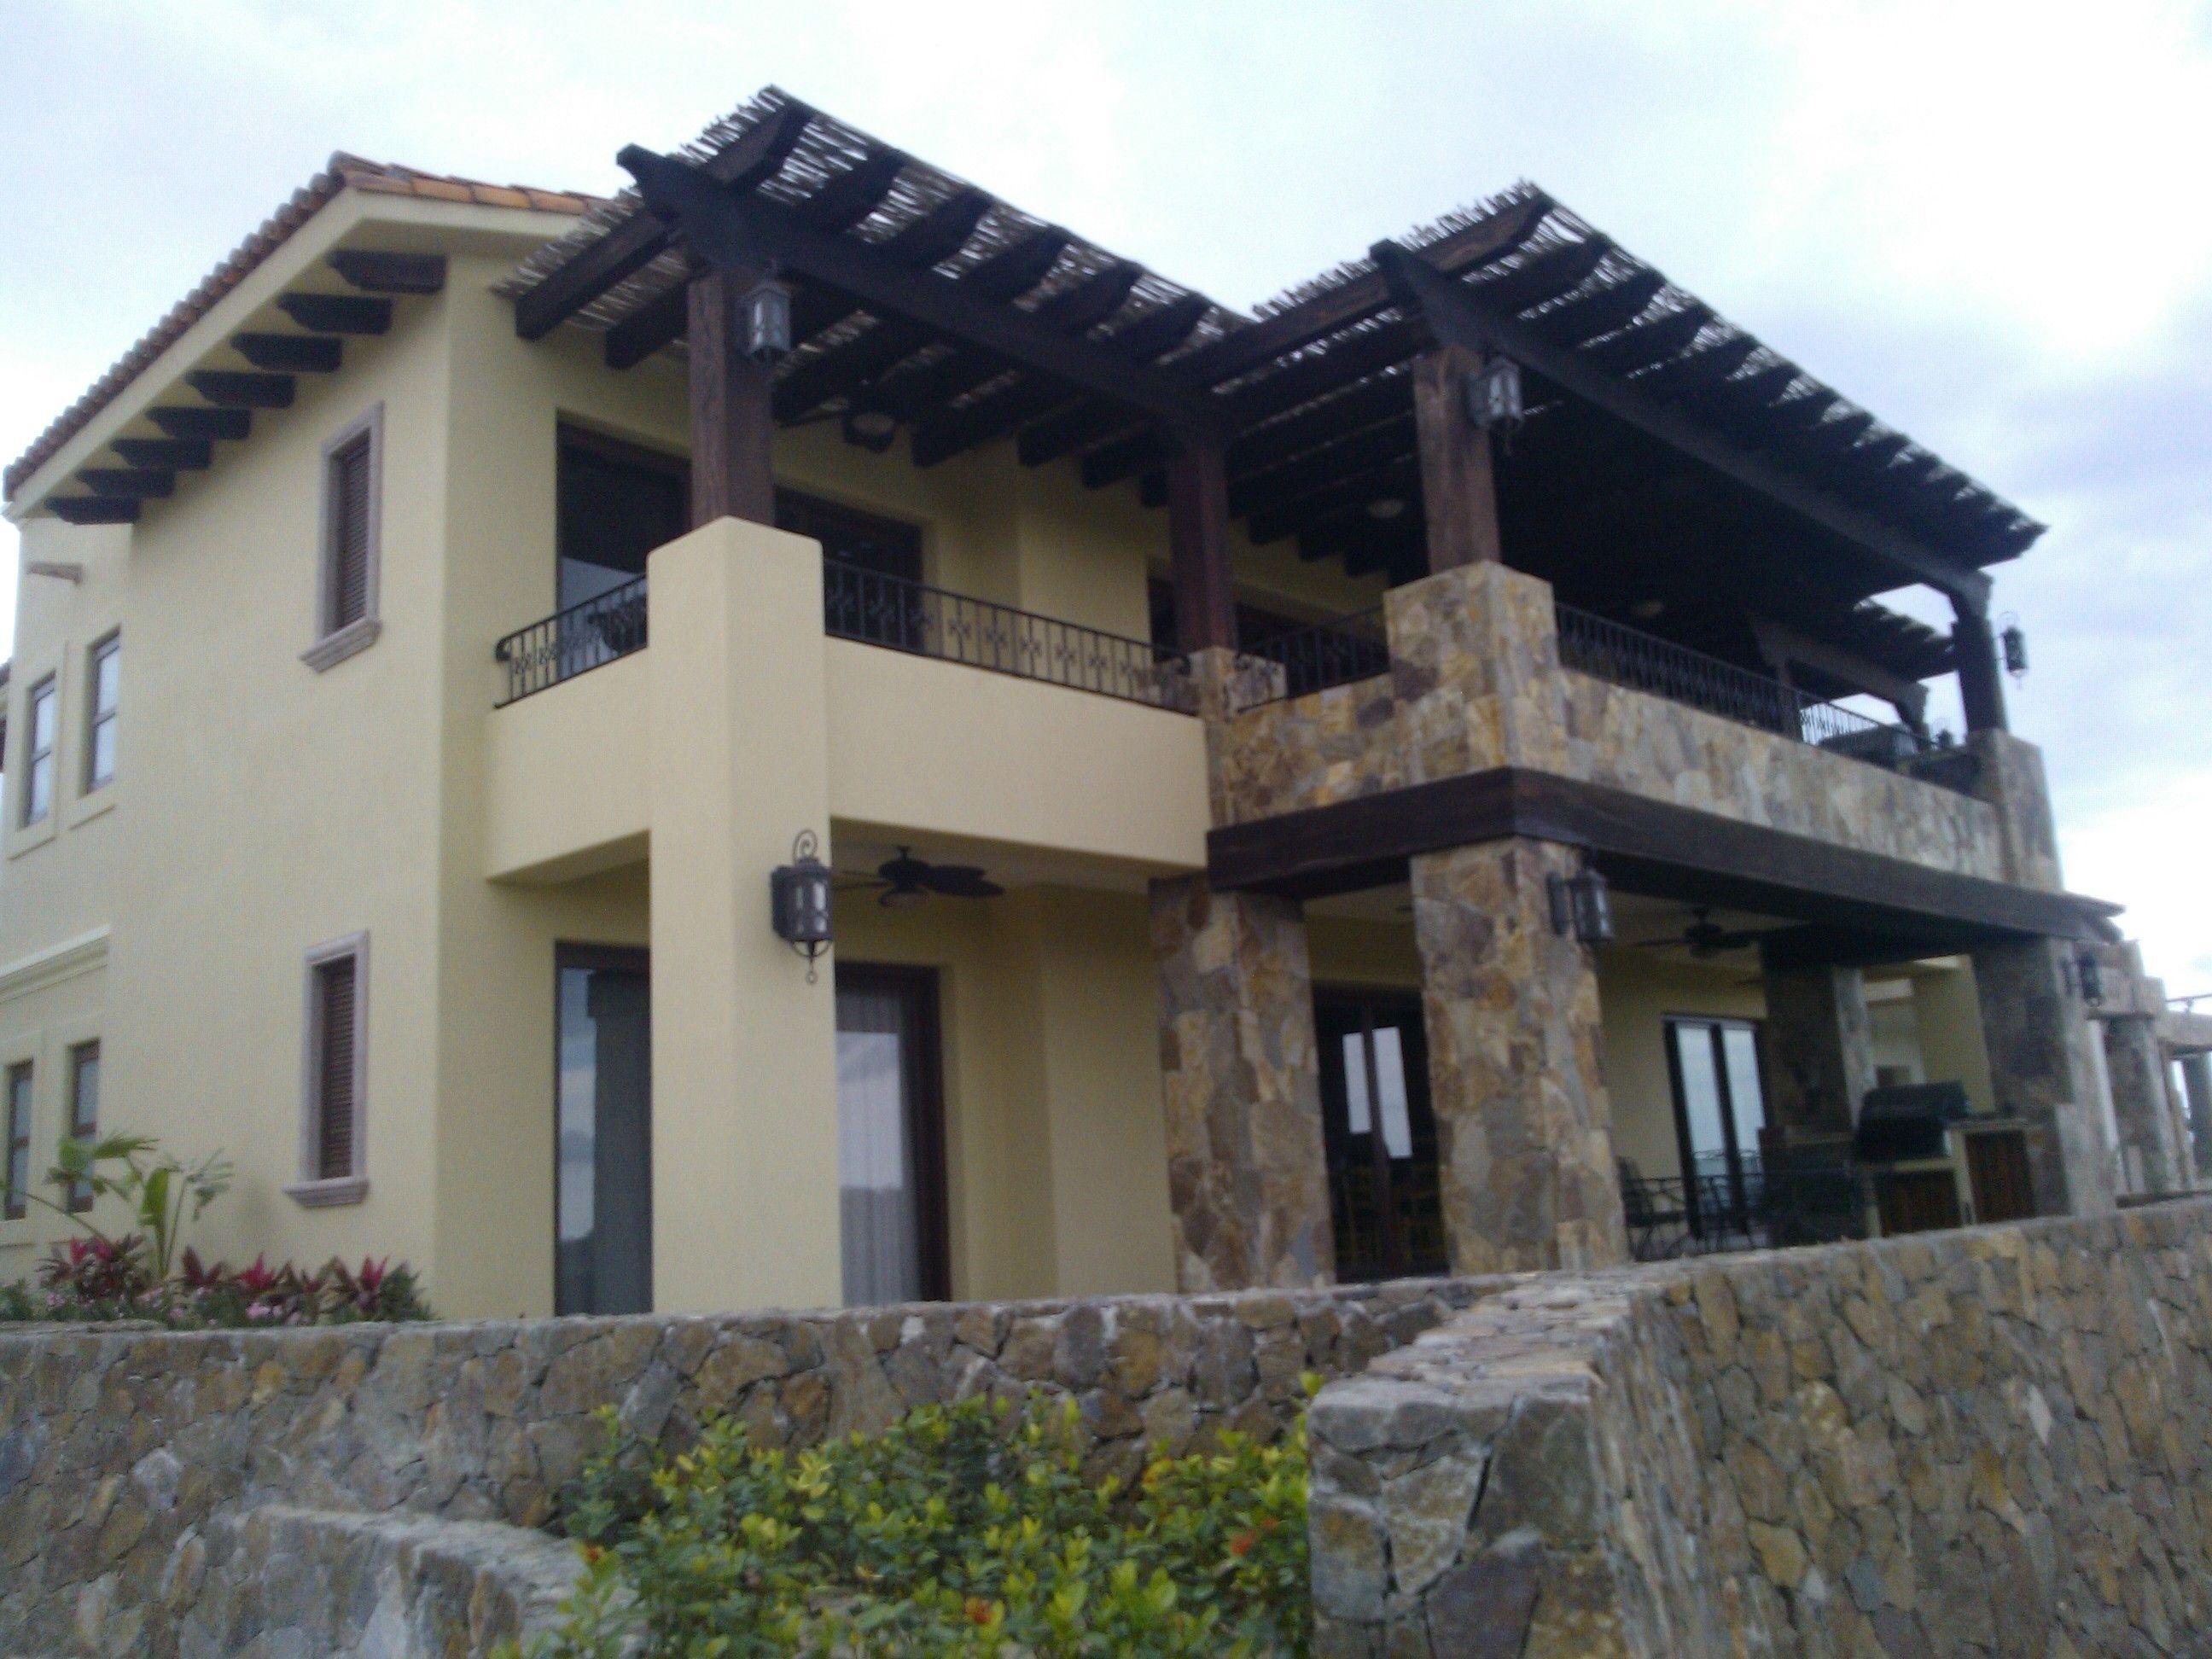 Villas Fundadores, Puerto Los Cabo, San Jose del Cabo, Mexico